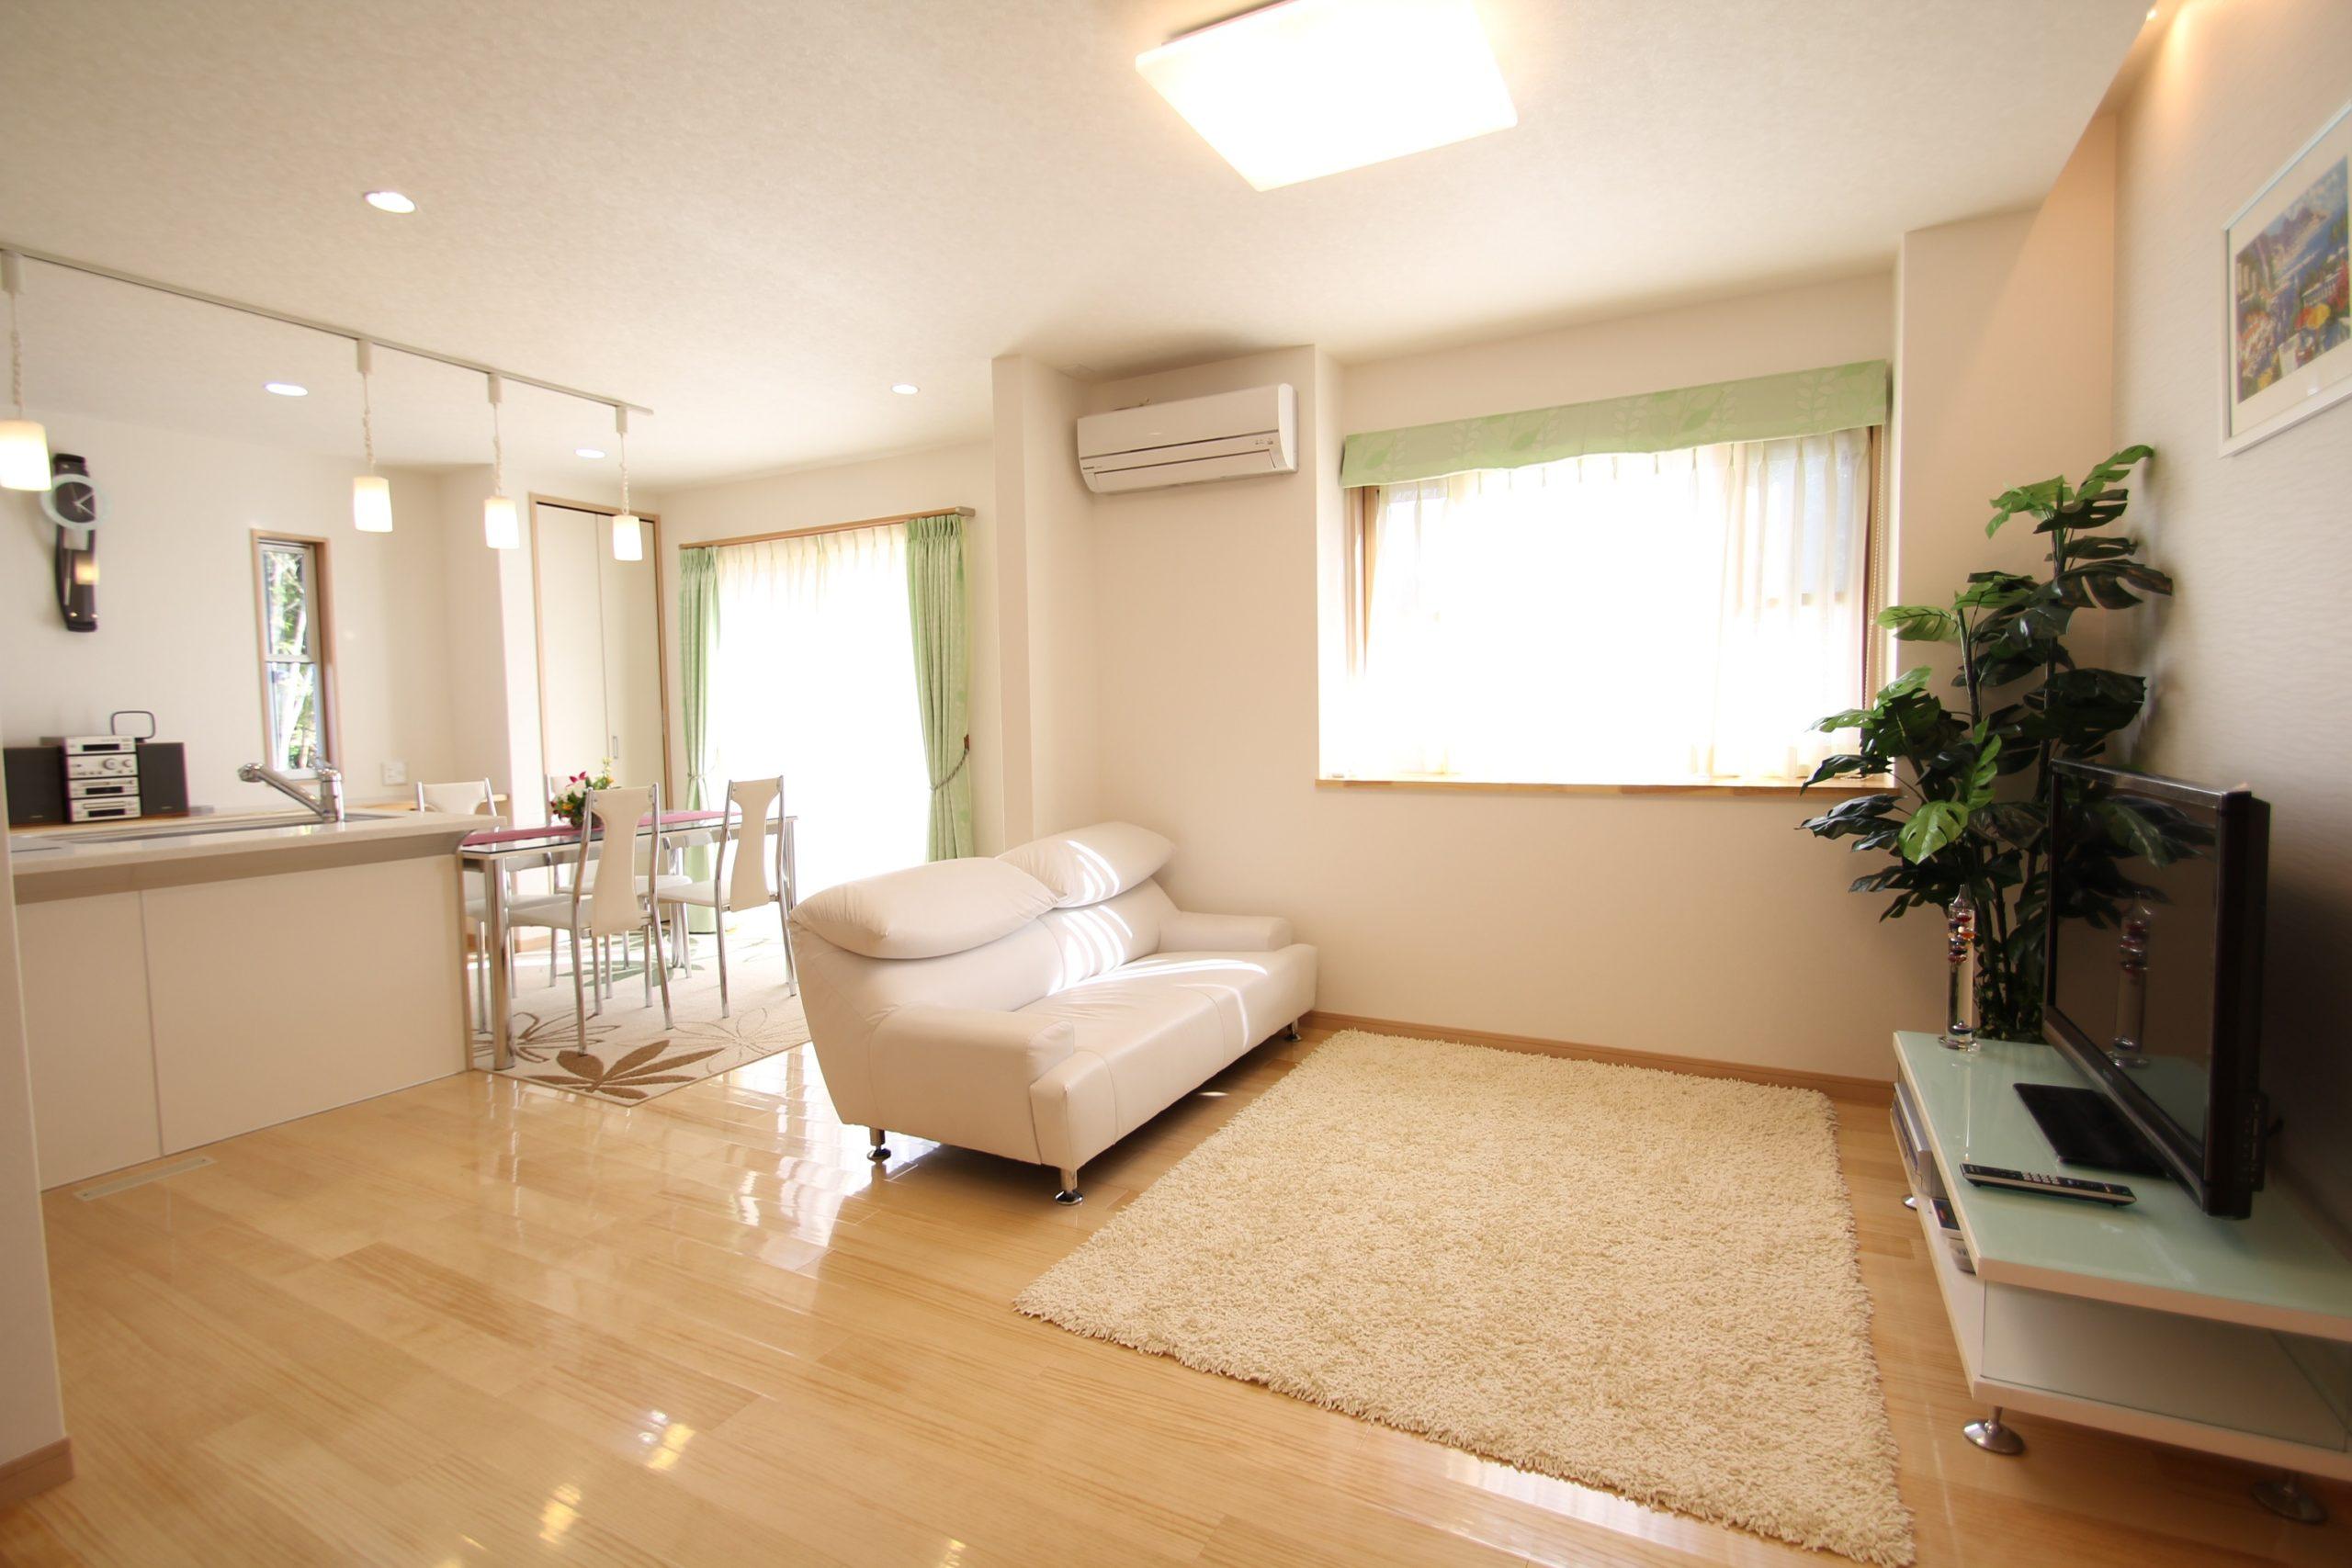 白を基調とした仕上がり、床の仕様は無垢のパイン材素足に気持ちい素材です